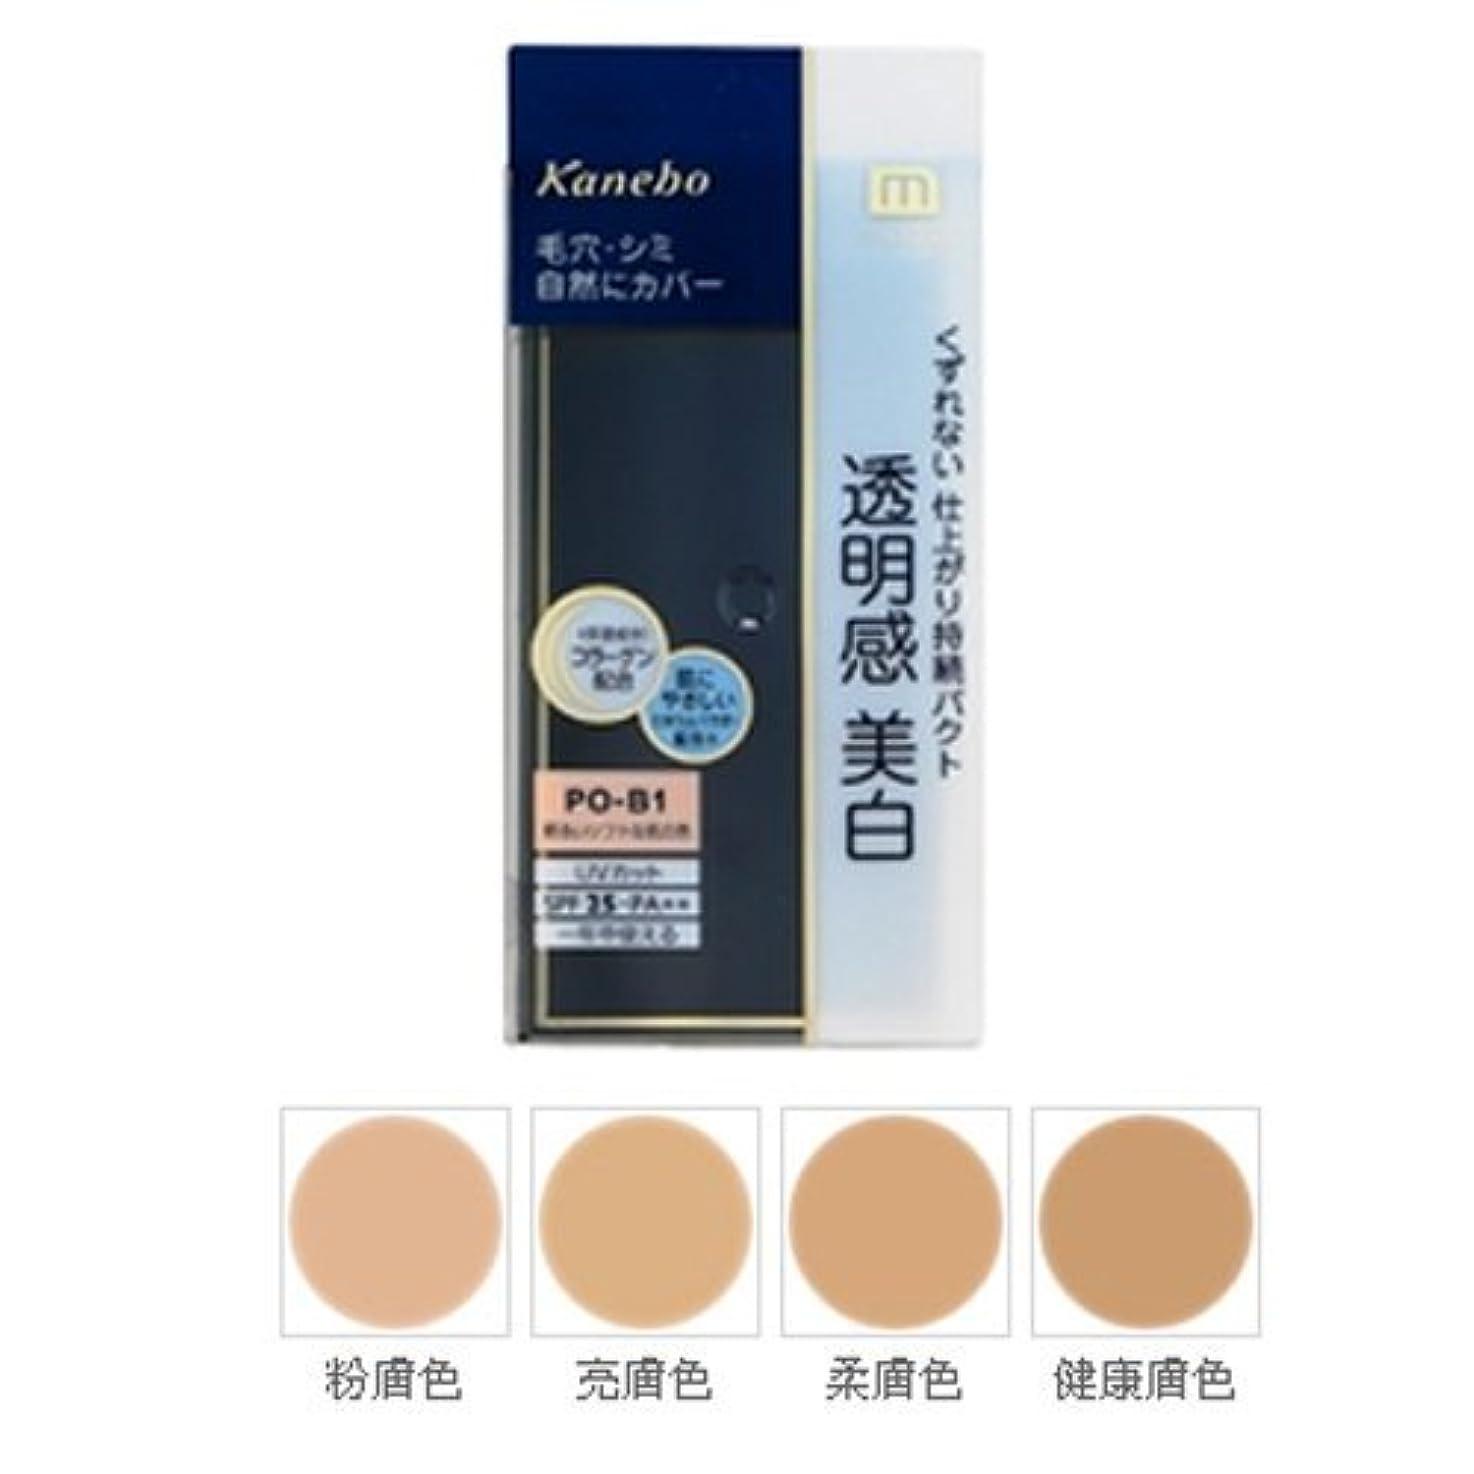 ジャングル辞書補助カネボウ メディア(media)ホワイトニングパクトA III カラー:OC-E1